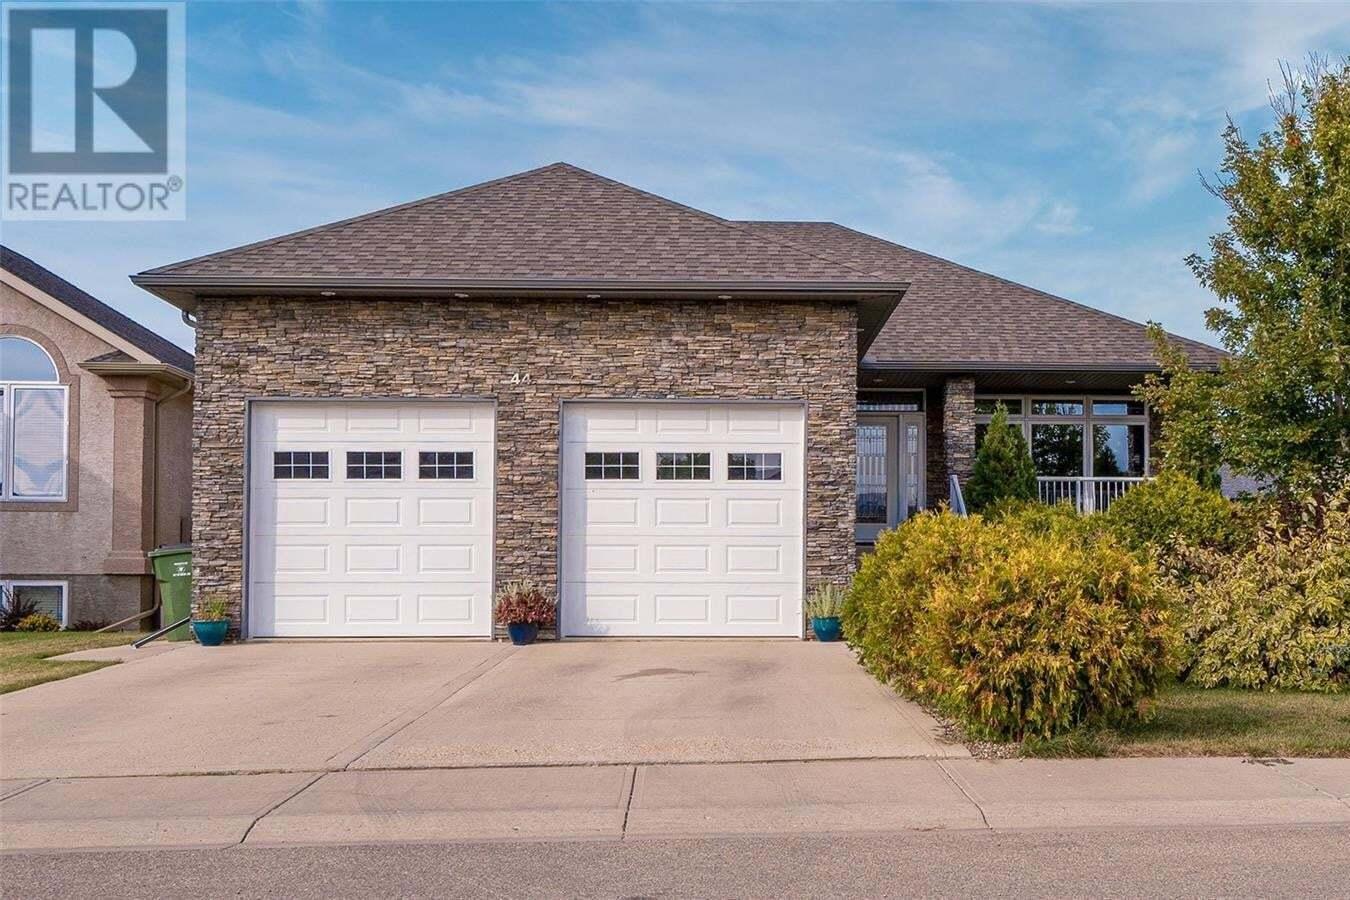 House for sale at 44 Goldenglow Dr Moose Jaw Saskatchewan - MLS: SK827743